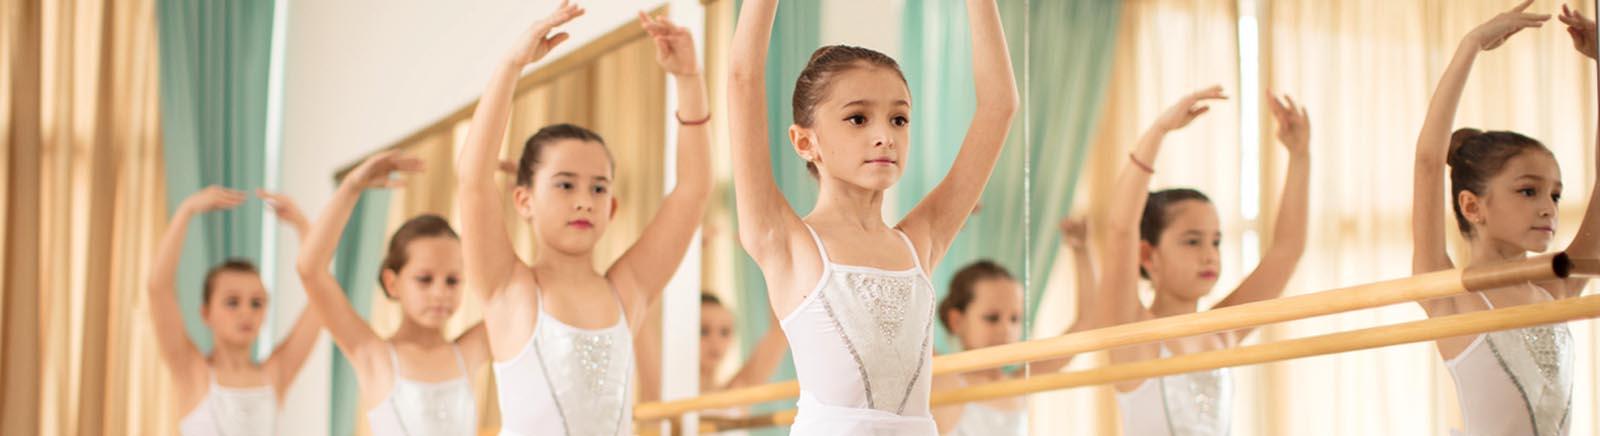 Ballett | Kreativer Kindertanz post image